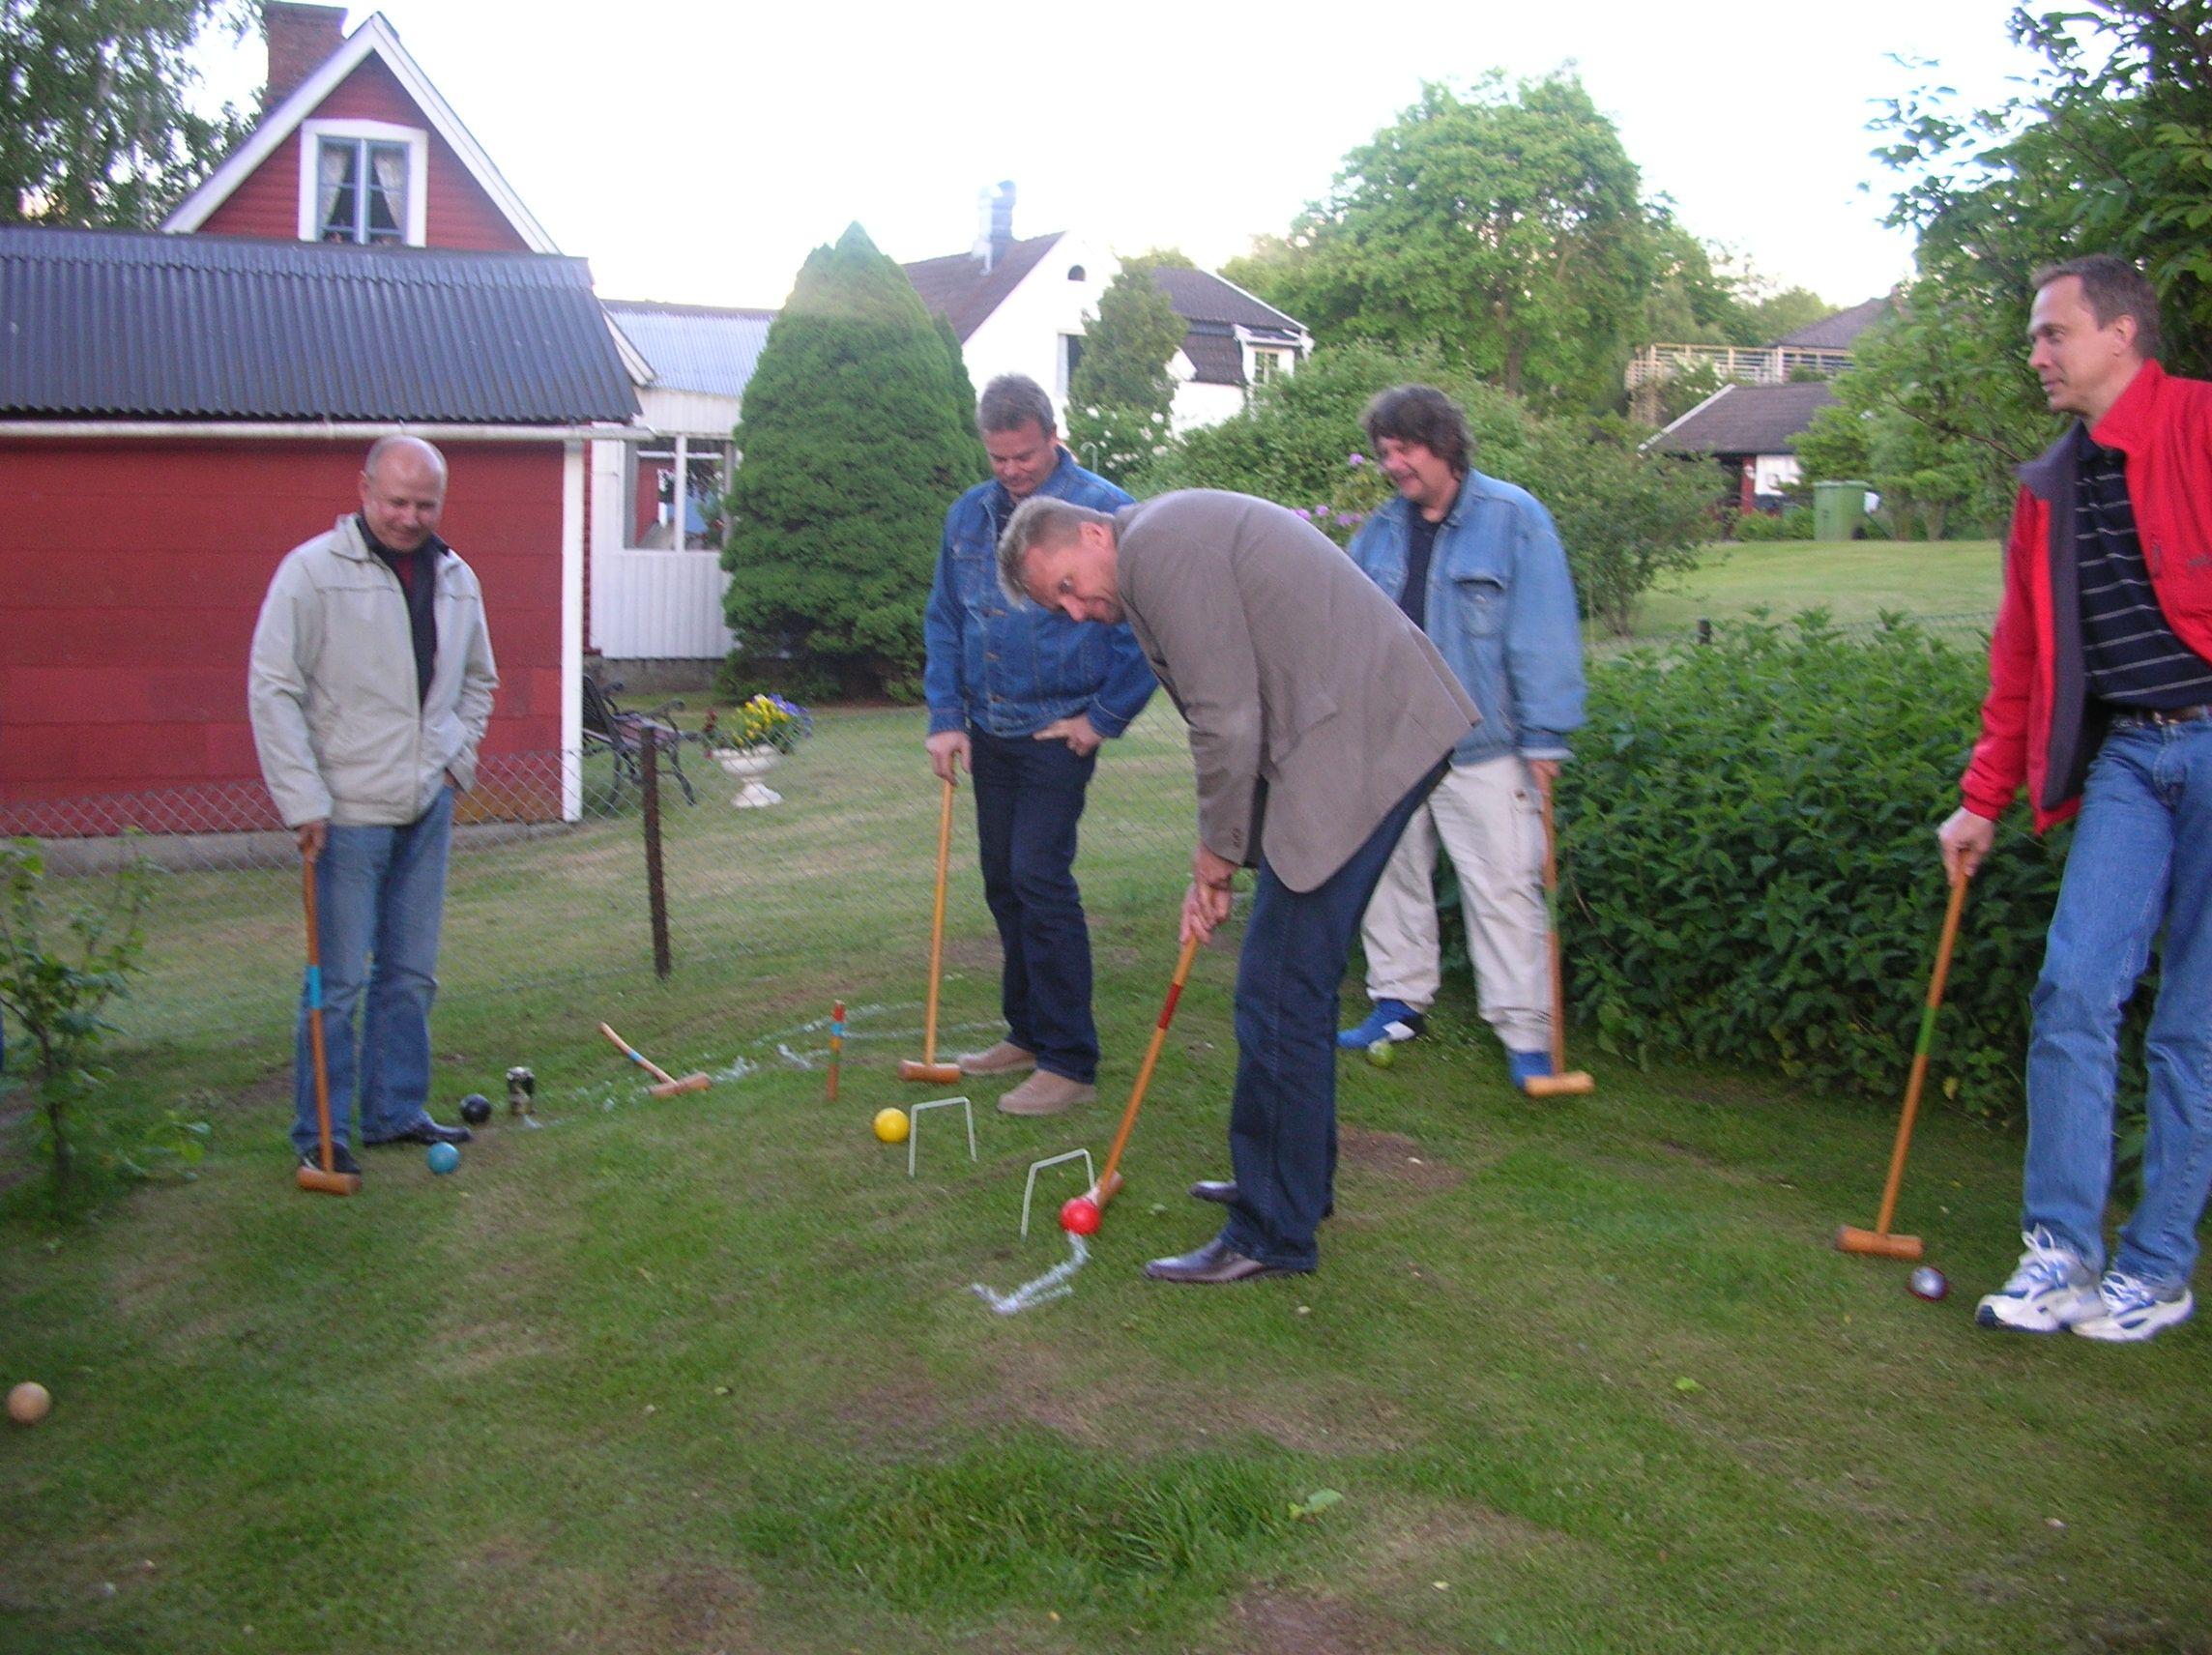 kvarnstensbockarna.se/image/bilder/2005/Möte hos Per 2005-06-11/Bild 06. Utslagsplatsen på krocket.jpg